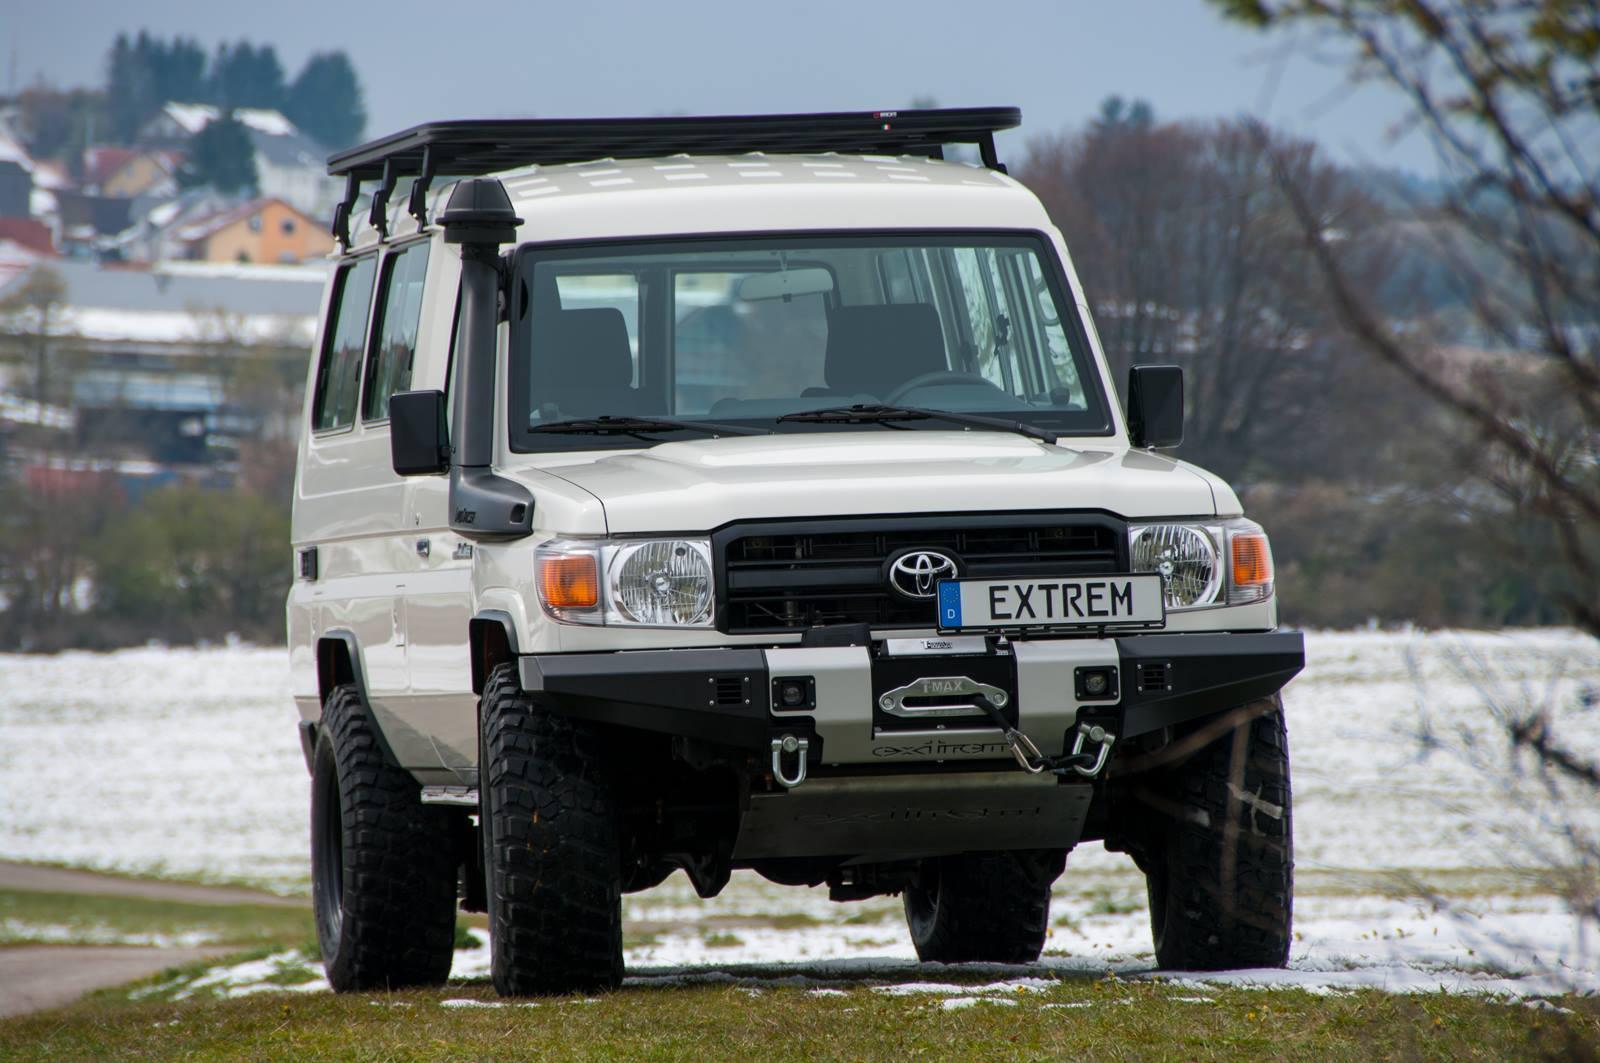 Die Ra Des Hzj Geht In Europa Zu Ende Buschtaxinet Toyota Land Cruiser 70 2015 Http Extremfahrzeugecom J7 Hzj78 Grj78html